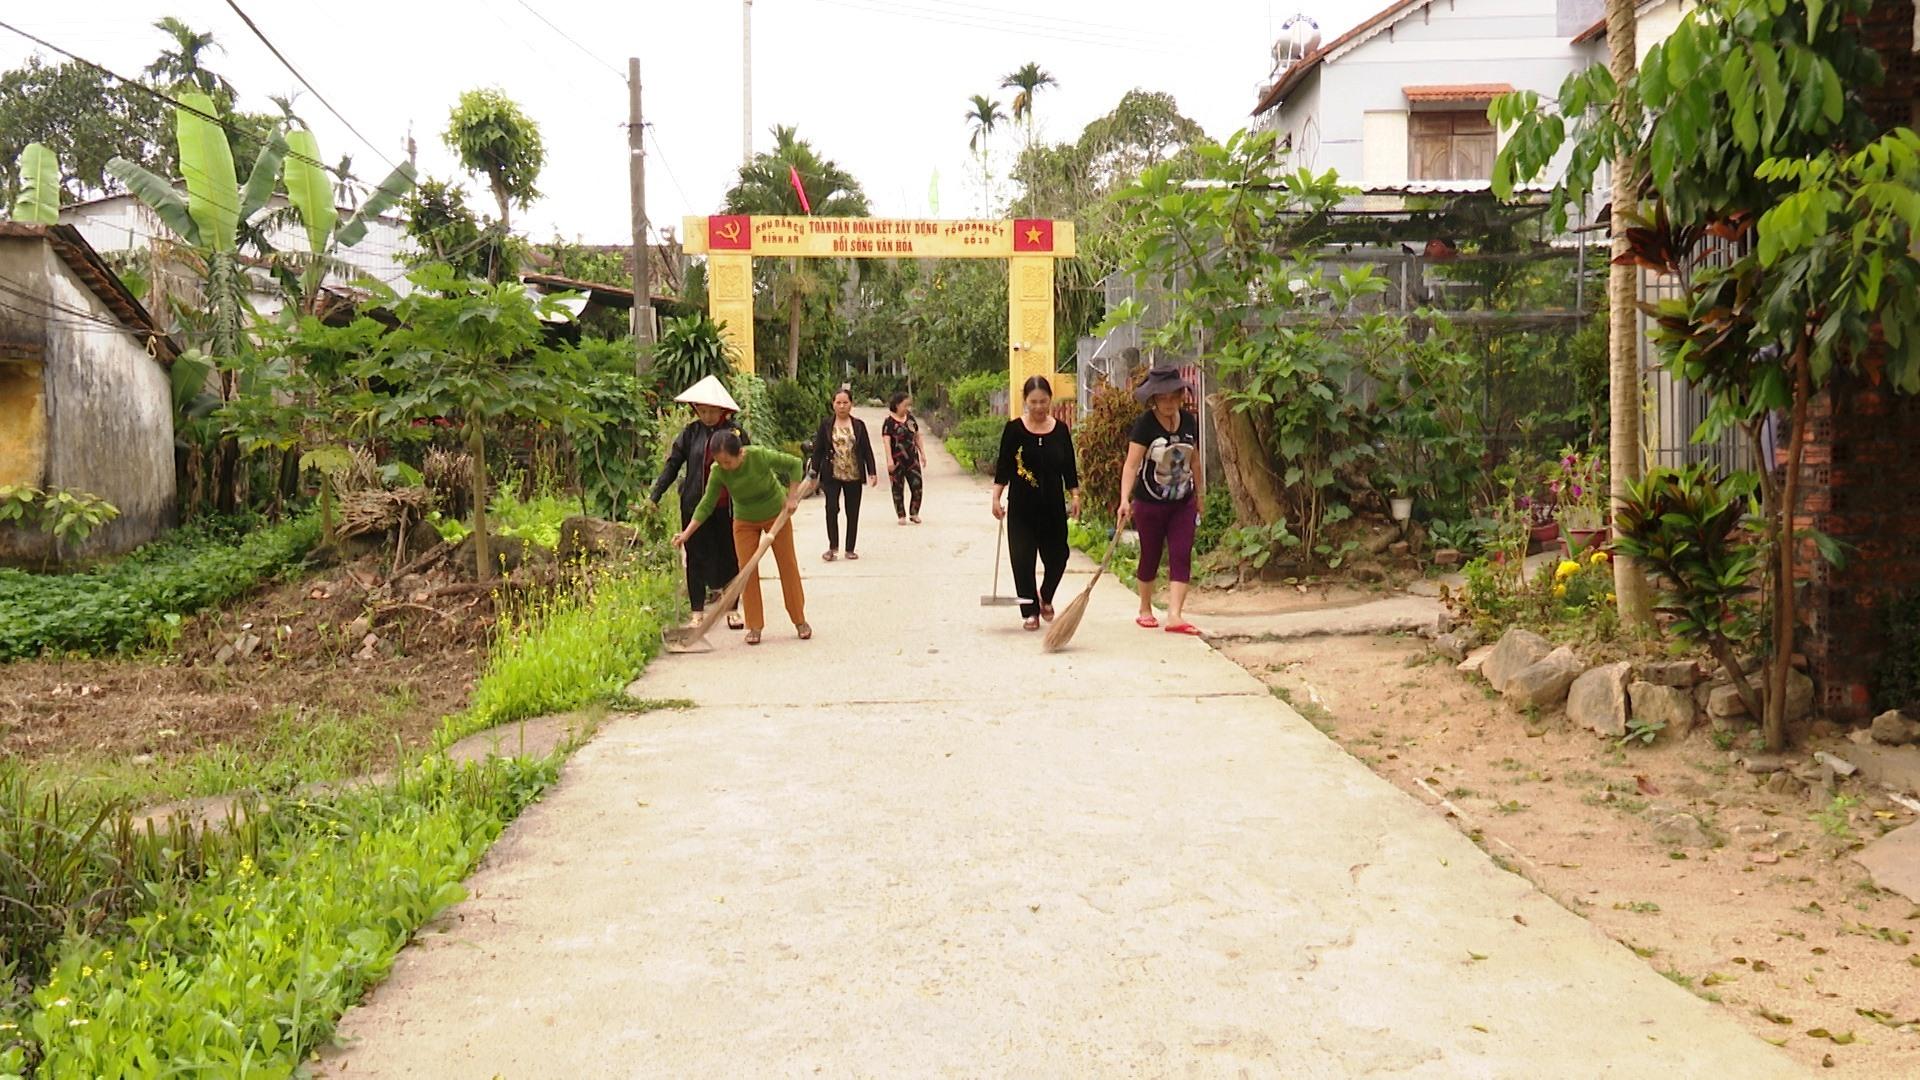 """Các thành viên Câu lạc bộ """"Cộng đồng xanh – sạch – đẹp"""" chi hội phụ nữ thôn Bình An, thị trấn Tiên Kỳ ra quân dọn dẹp, vệ sinh tuyến đường giao thông nông thôn. Ảnh: N.H"""